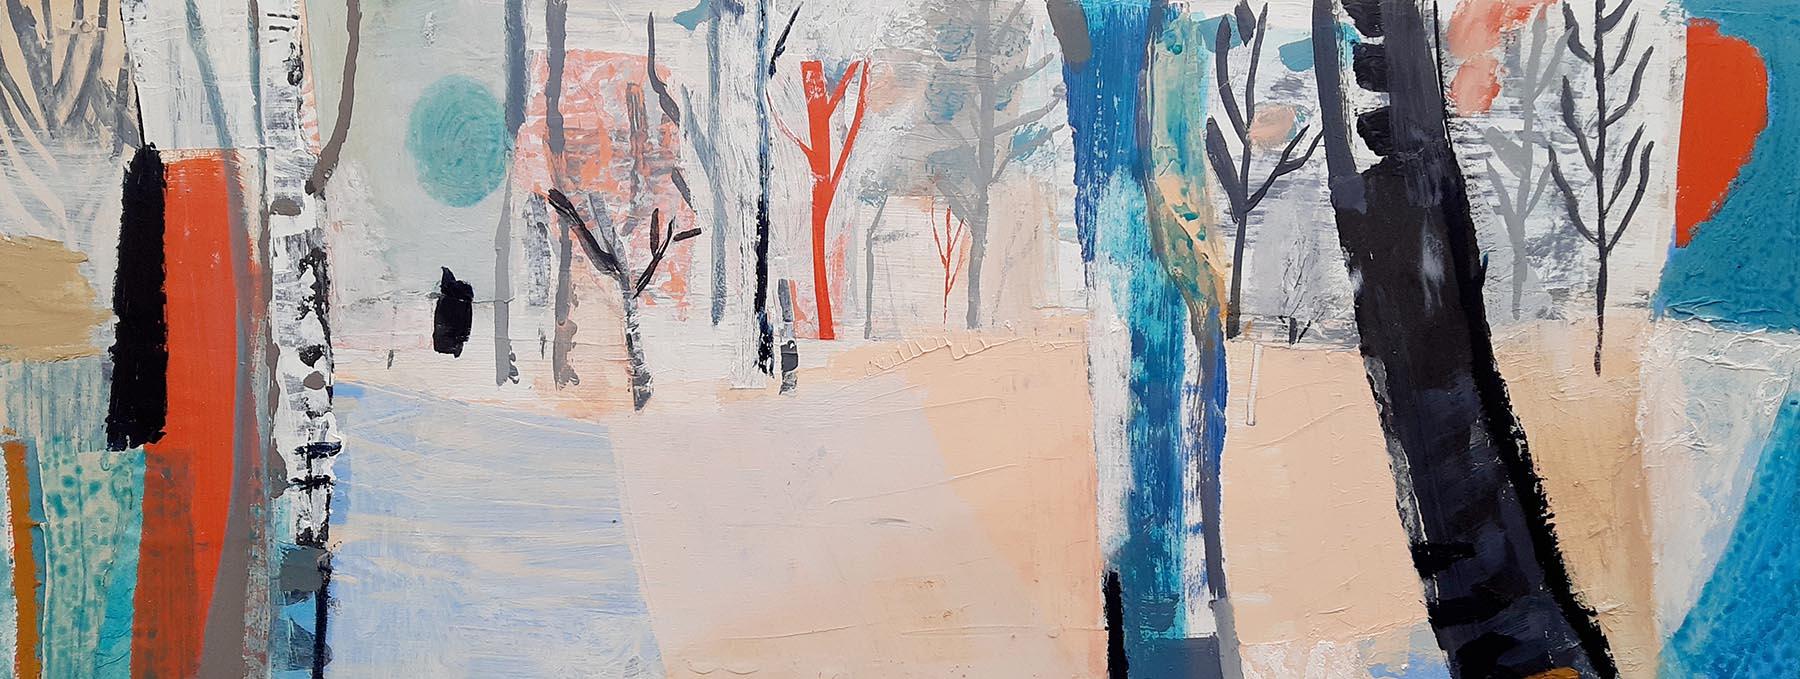 Liz Hough - Winter Walk in Steeple Woods